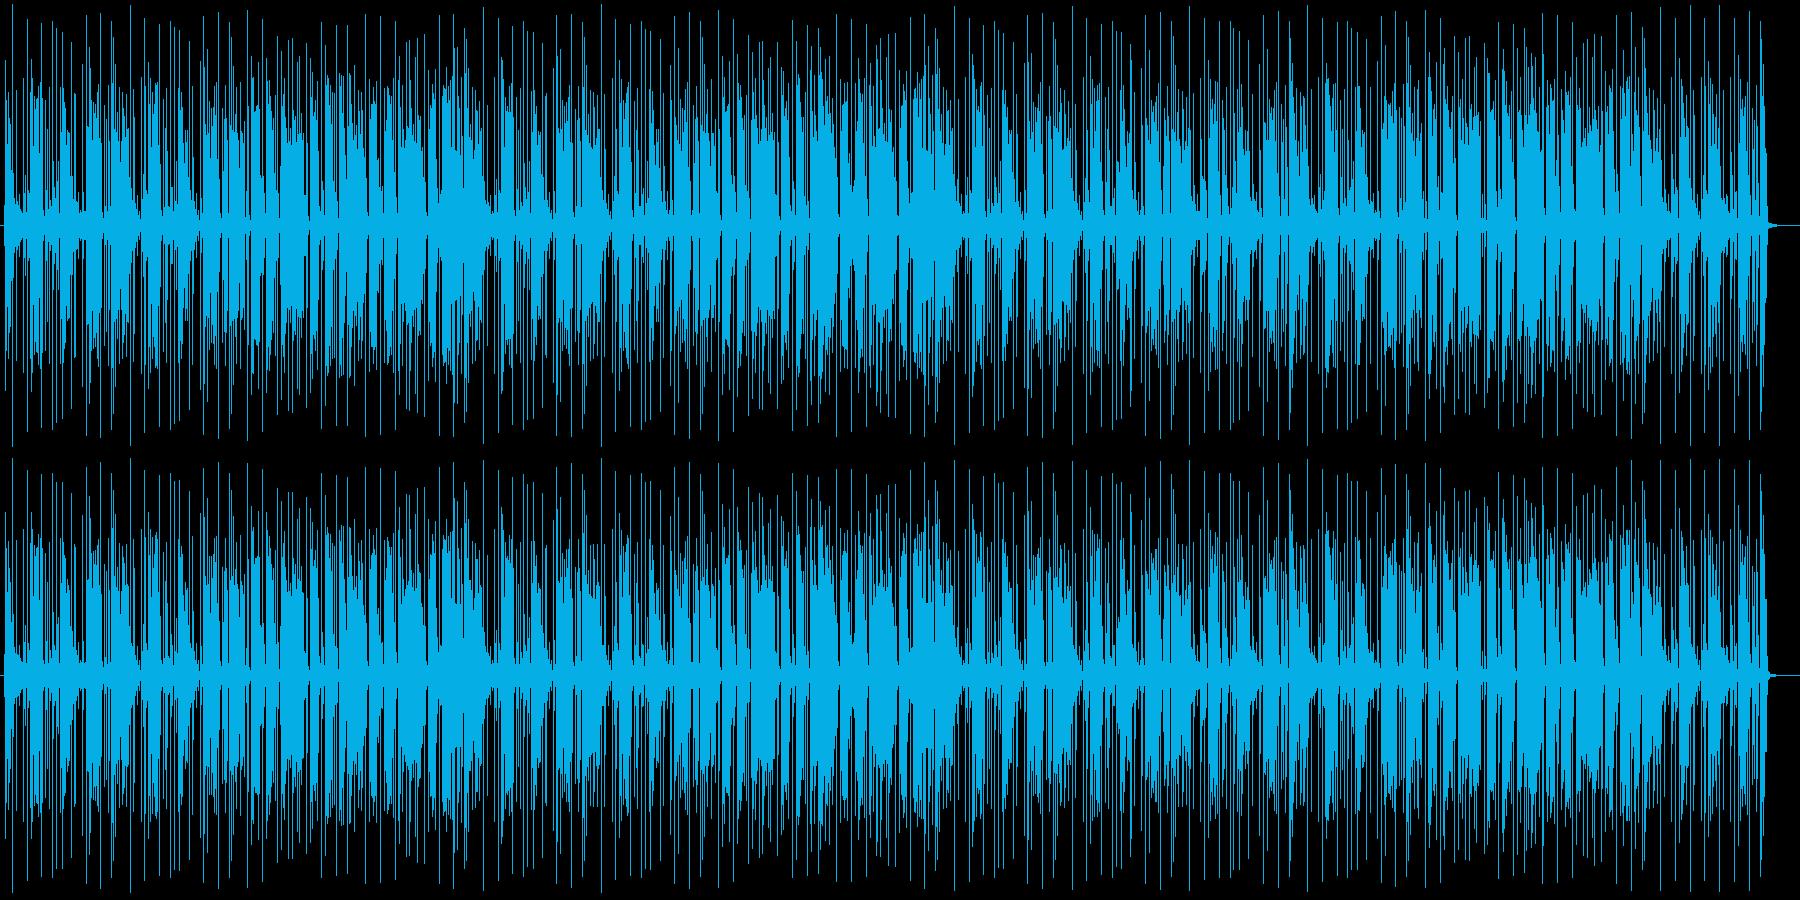 静かで暗い印象のドラムミュージックの再生済みの波形